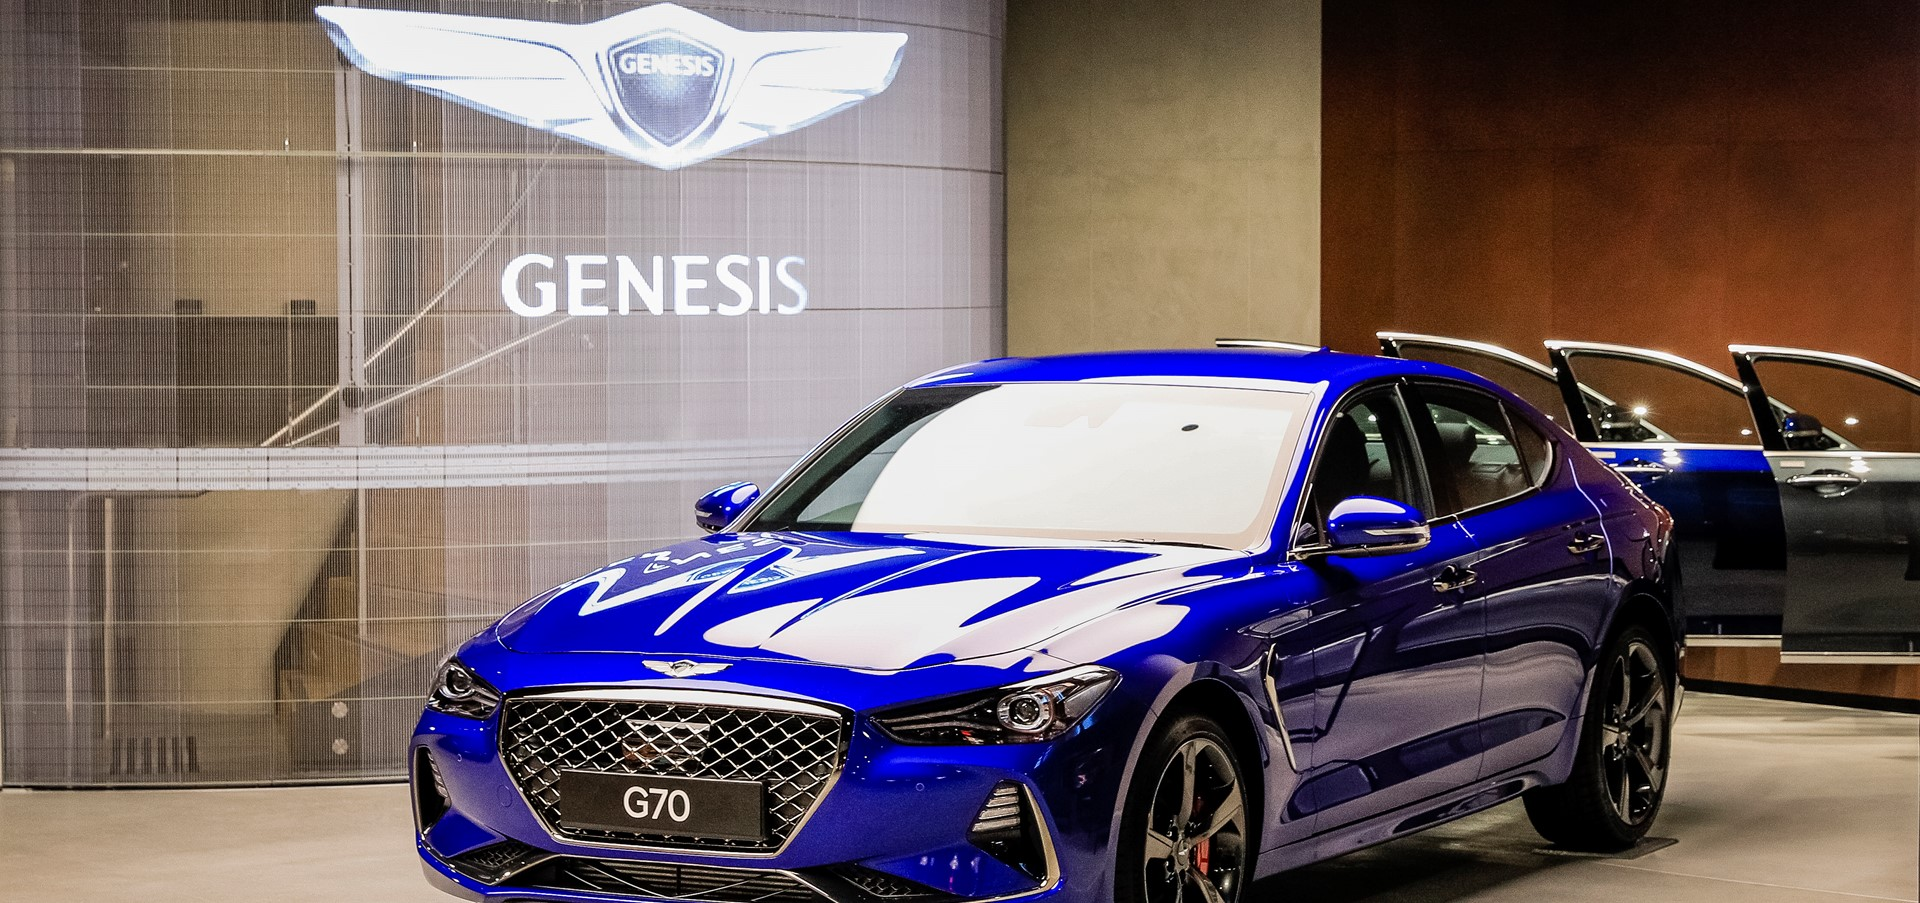 Genesis launches in Australia